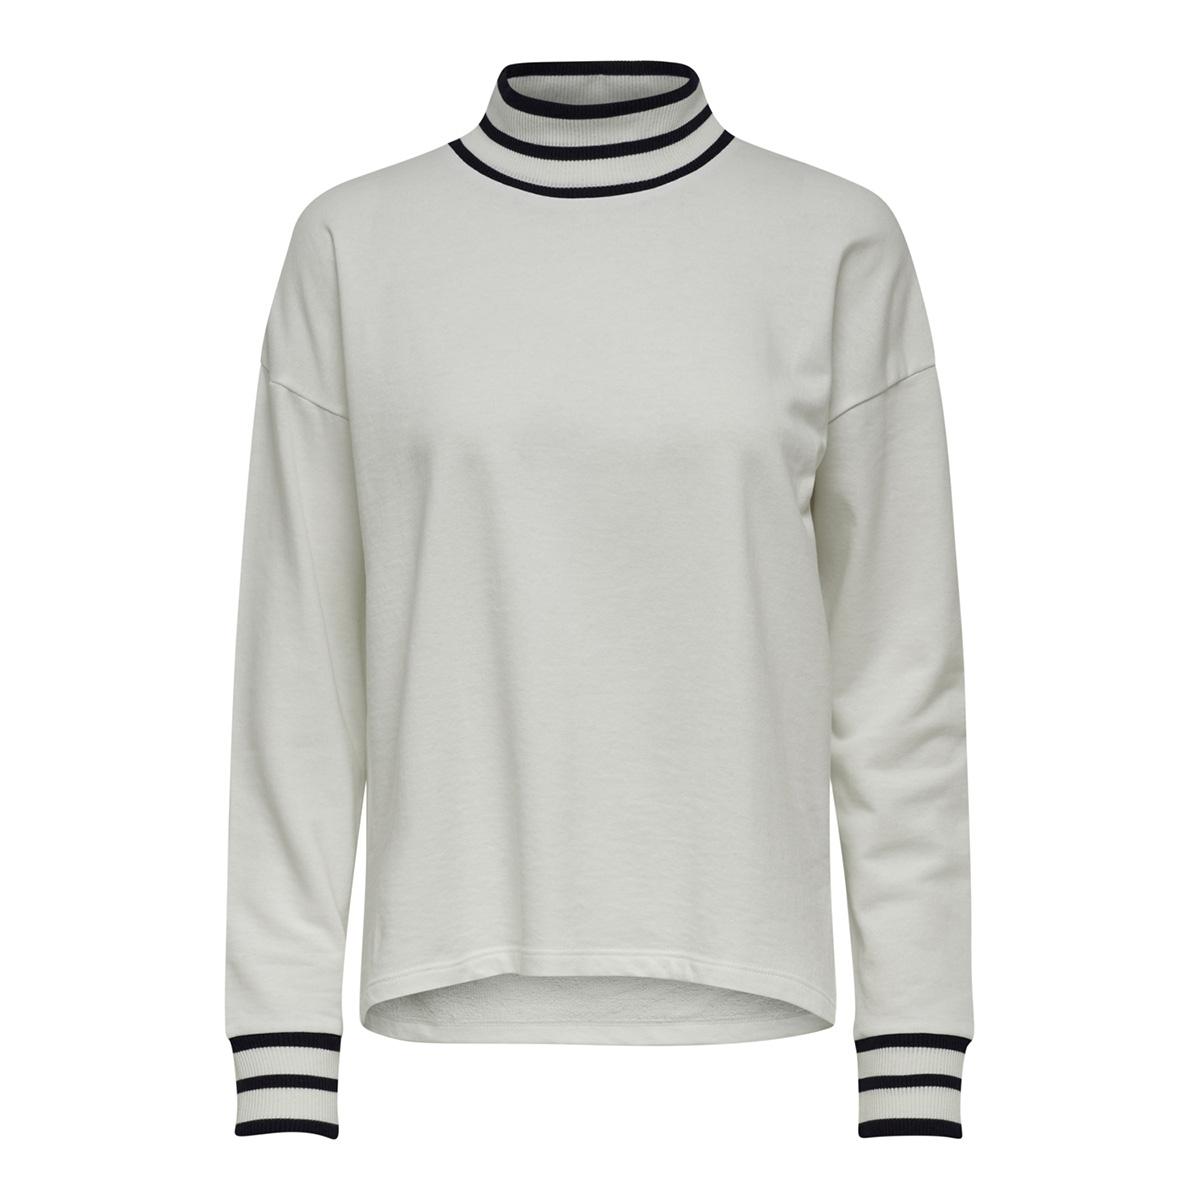 jdybowie l/s rib sweat jrs 15169554 jacqueline de yong sweater cloud dancer/stripes on